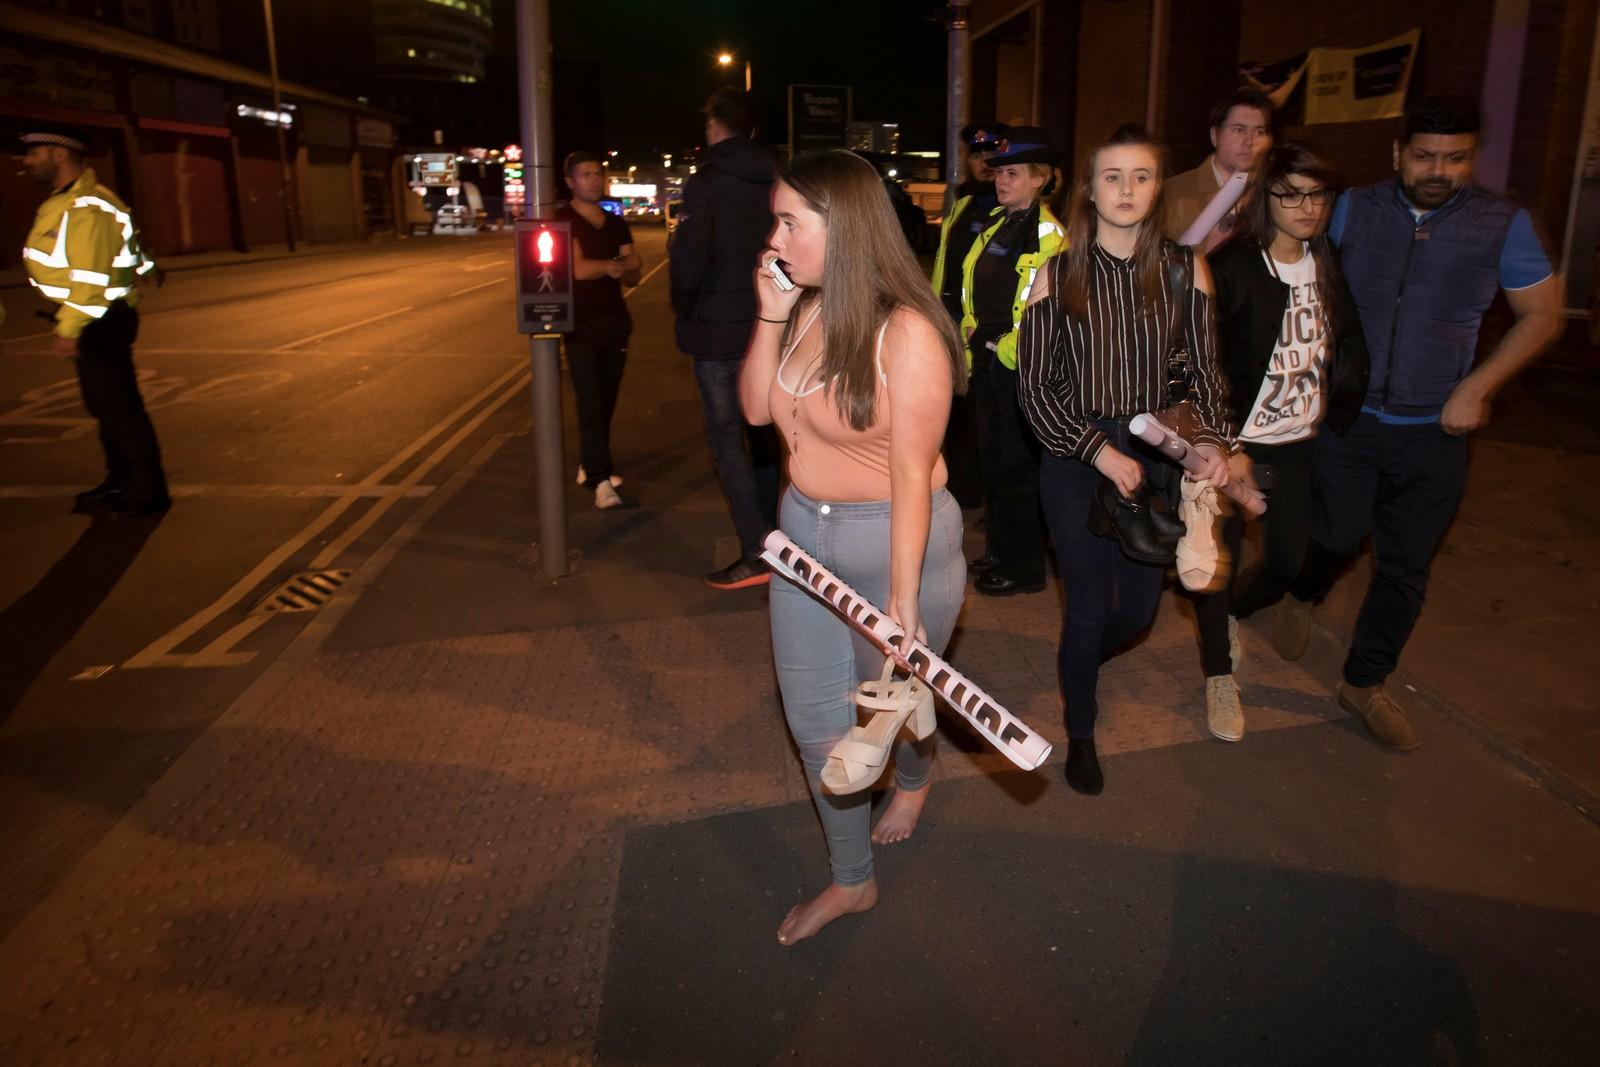 Unge fans av popstjernen Ariana Grande forlater lokalet.